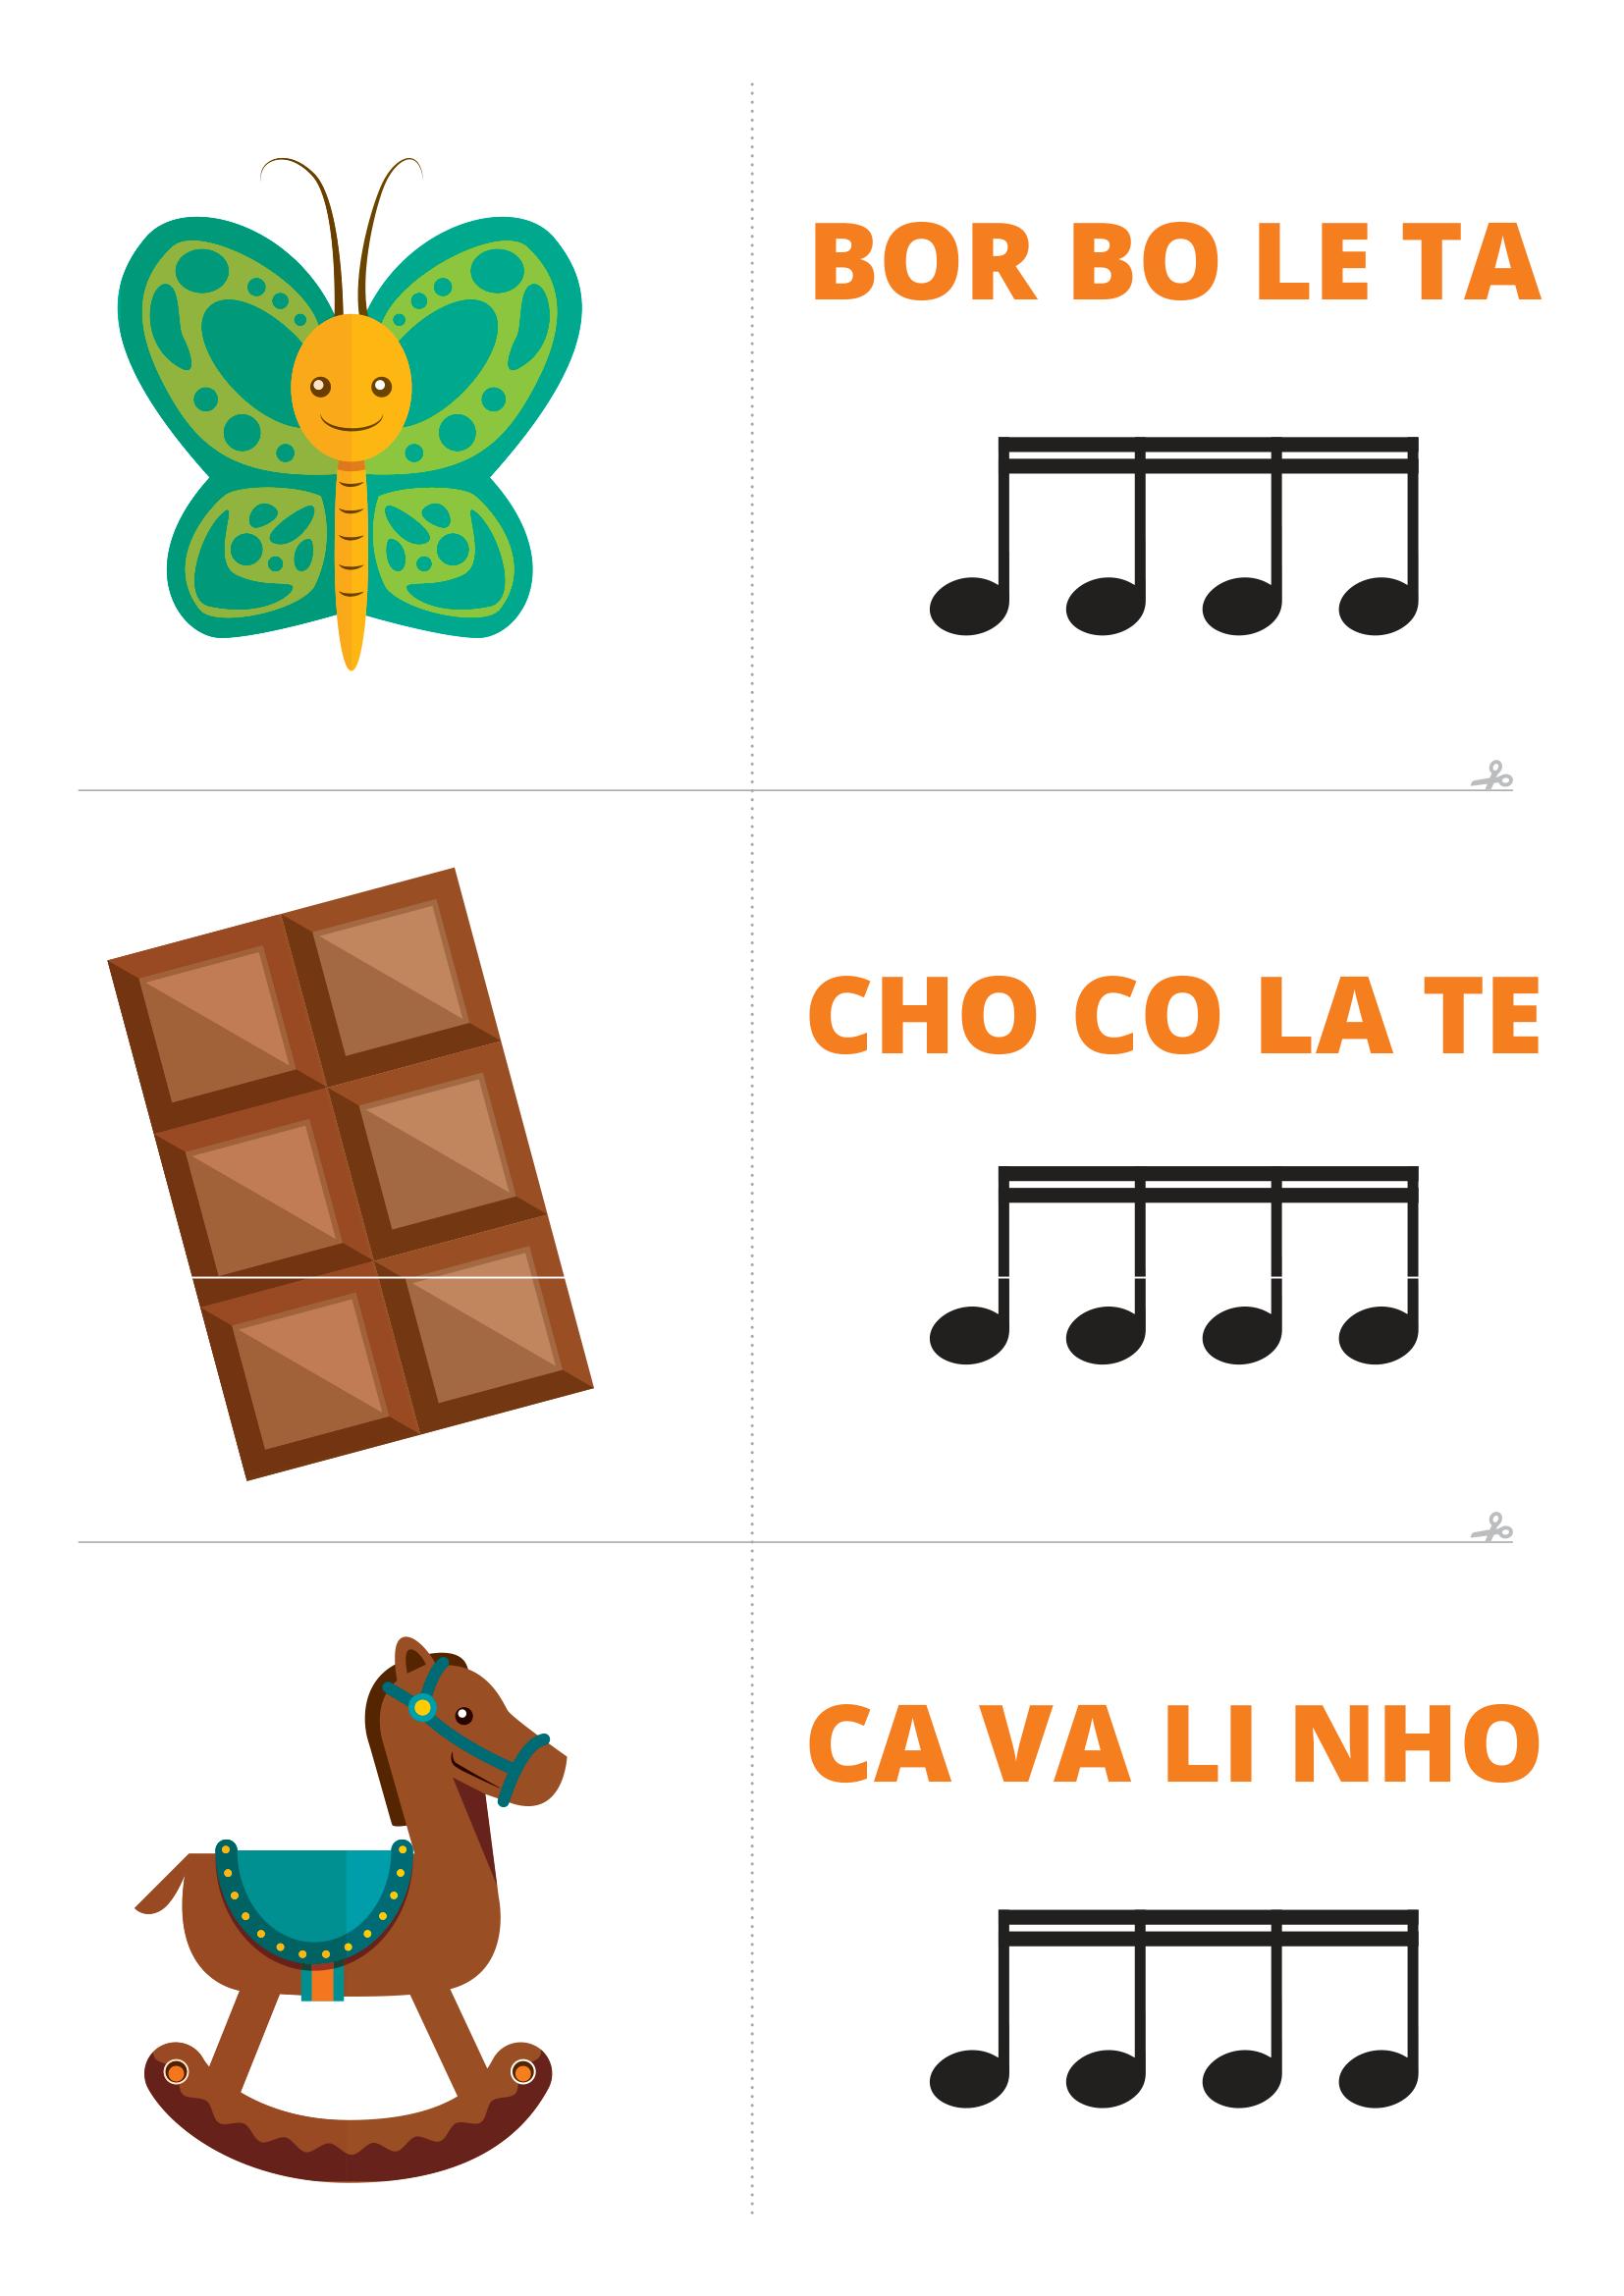 ilustração de uma borboleta com a palavra BOR BO LE TA seguida de semicolcheia. Abaixo, ilustração de uma barra de chocolate com a palavra CHO CO LA TE seguida da semicolcheia. Por fim, há ilustração de um cavalo de madeira com a palavra CA VA LI NHO seguida de semicolcheia.